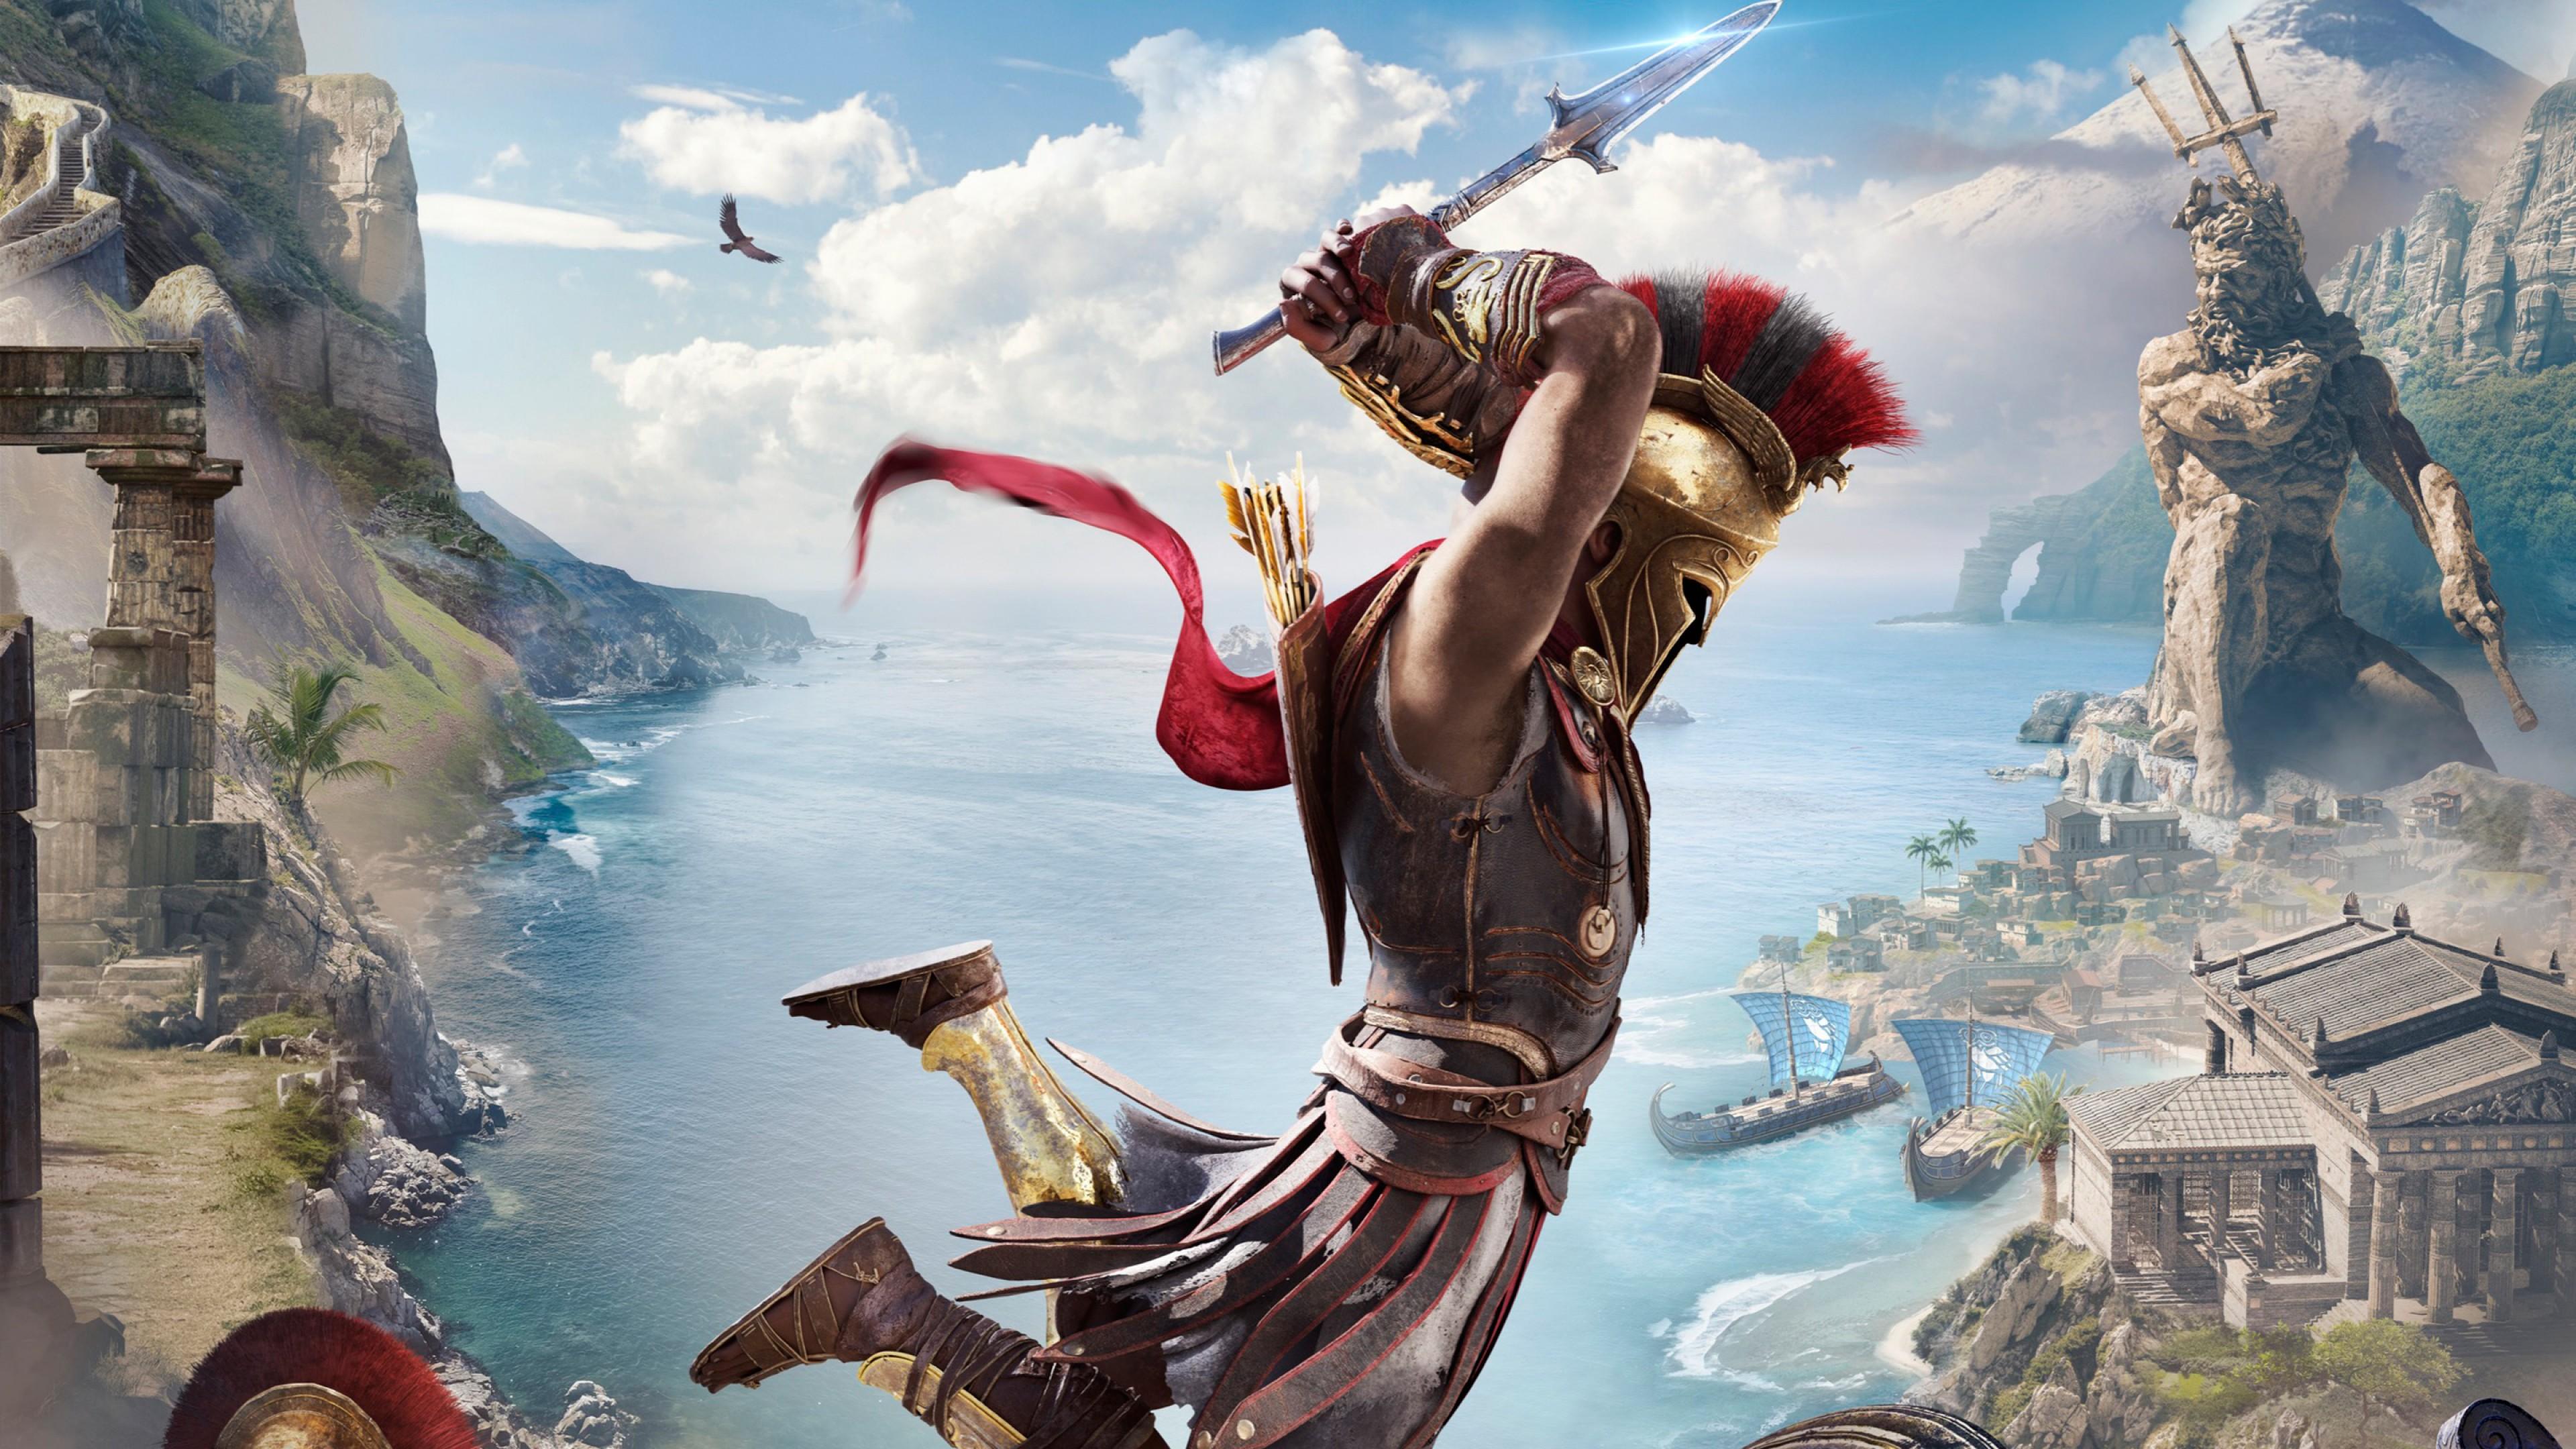 Воин-спартанец с кинжалом парит над морем,кораблями и статуей Нептуна